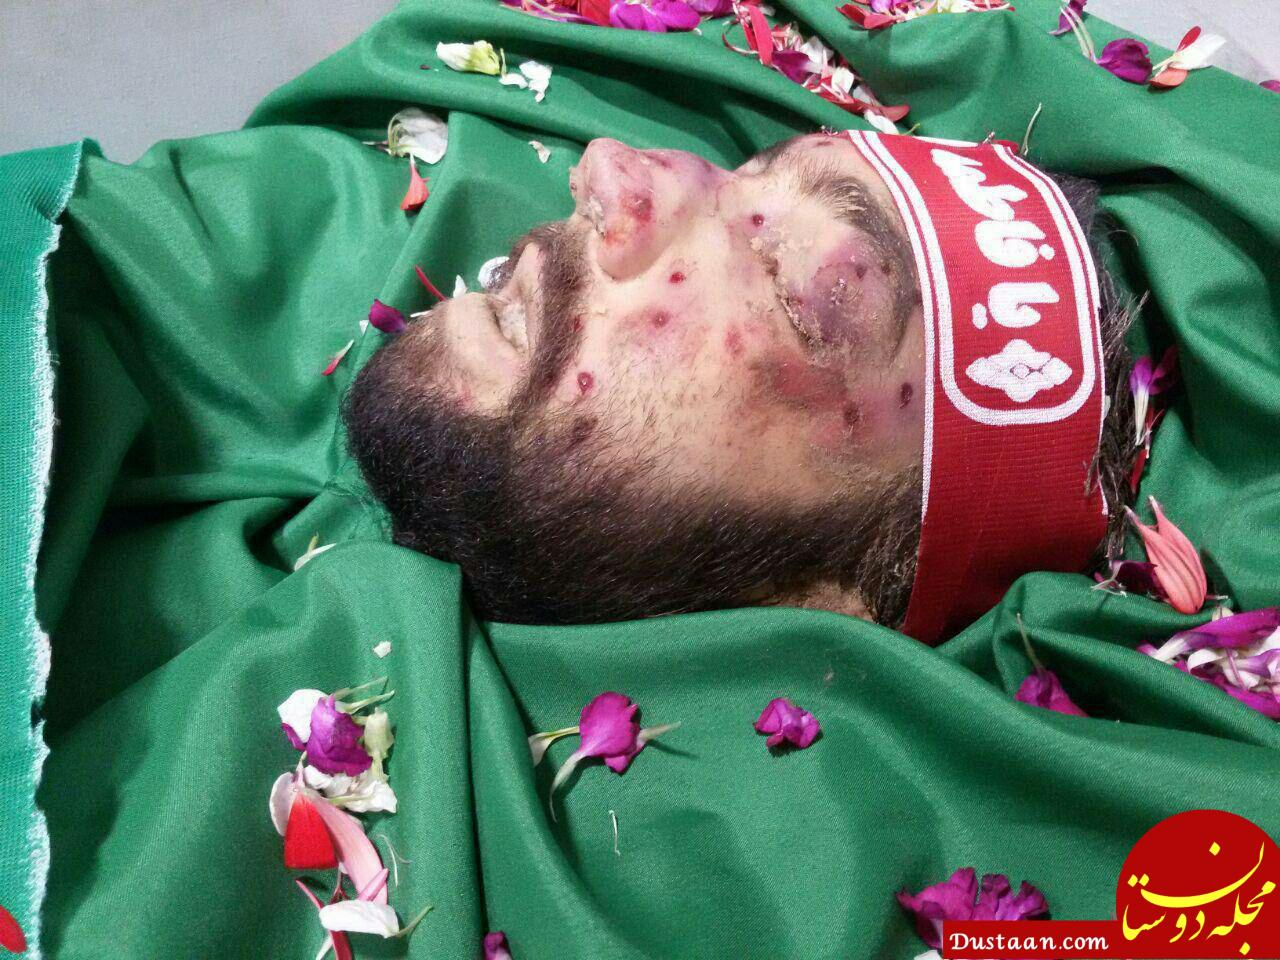 www.dustaan.com تصویری از پیکر مطهر شهید محمد حسین حدادیان +نحوه شهادت